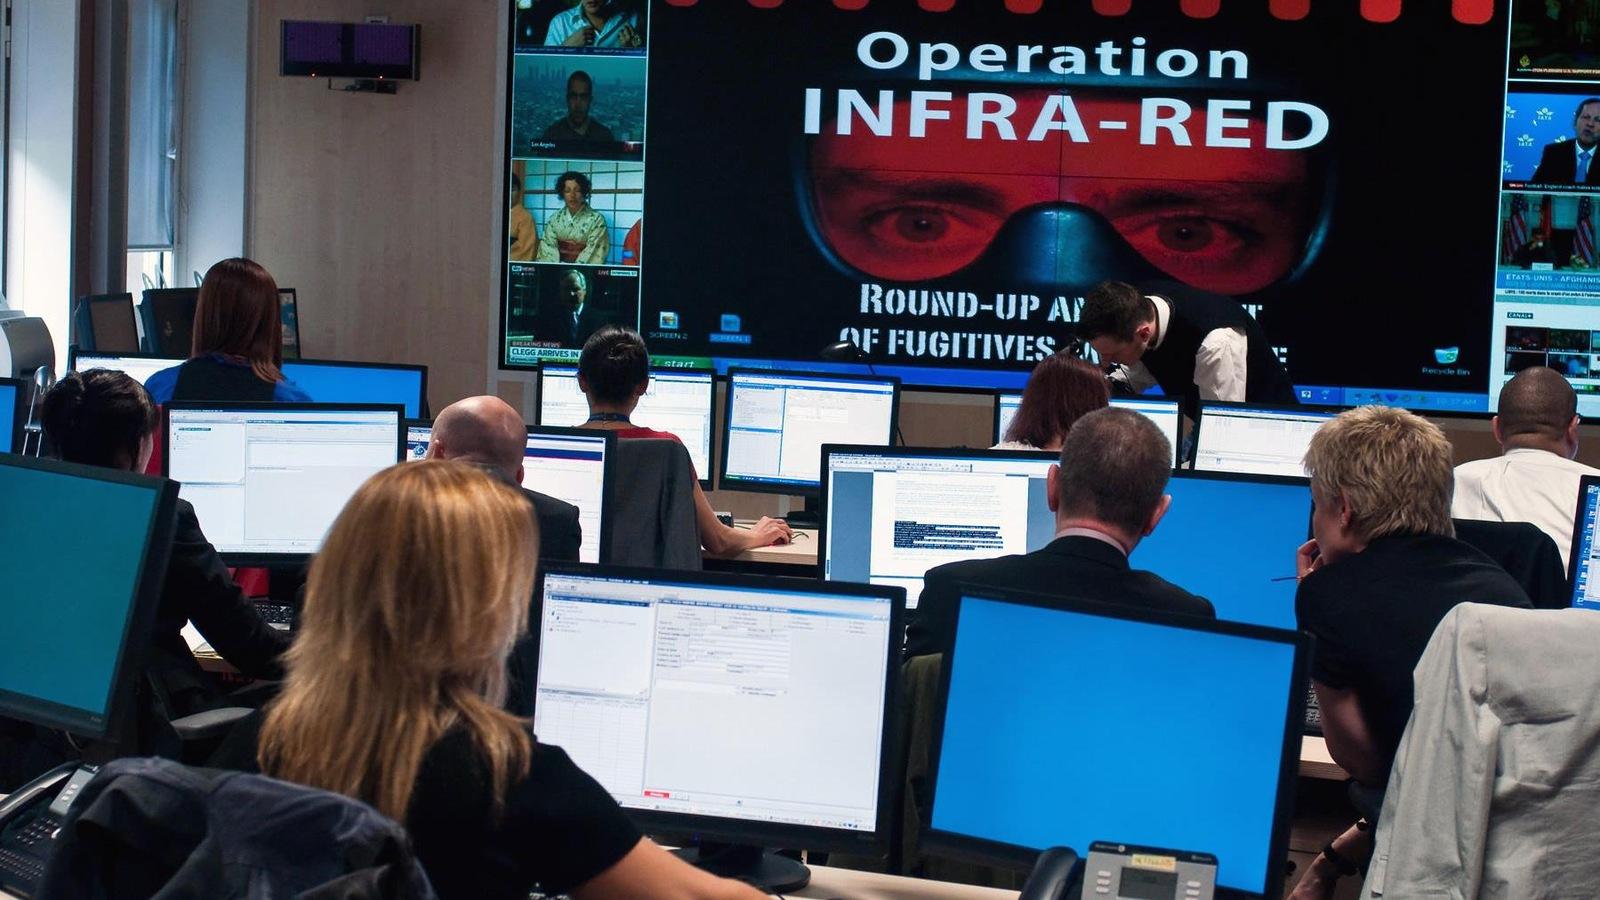 Dans une salle, des personnes travaillent sur des ordinateurs et devant un écran géant portant l'inscription Operation infra-red.